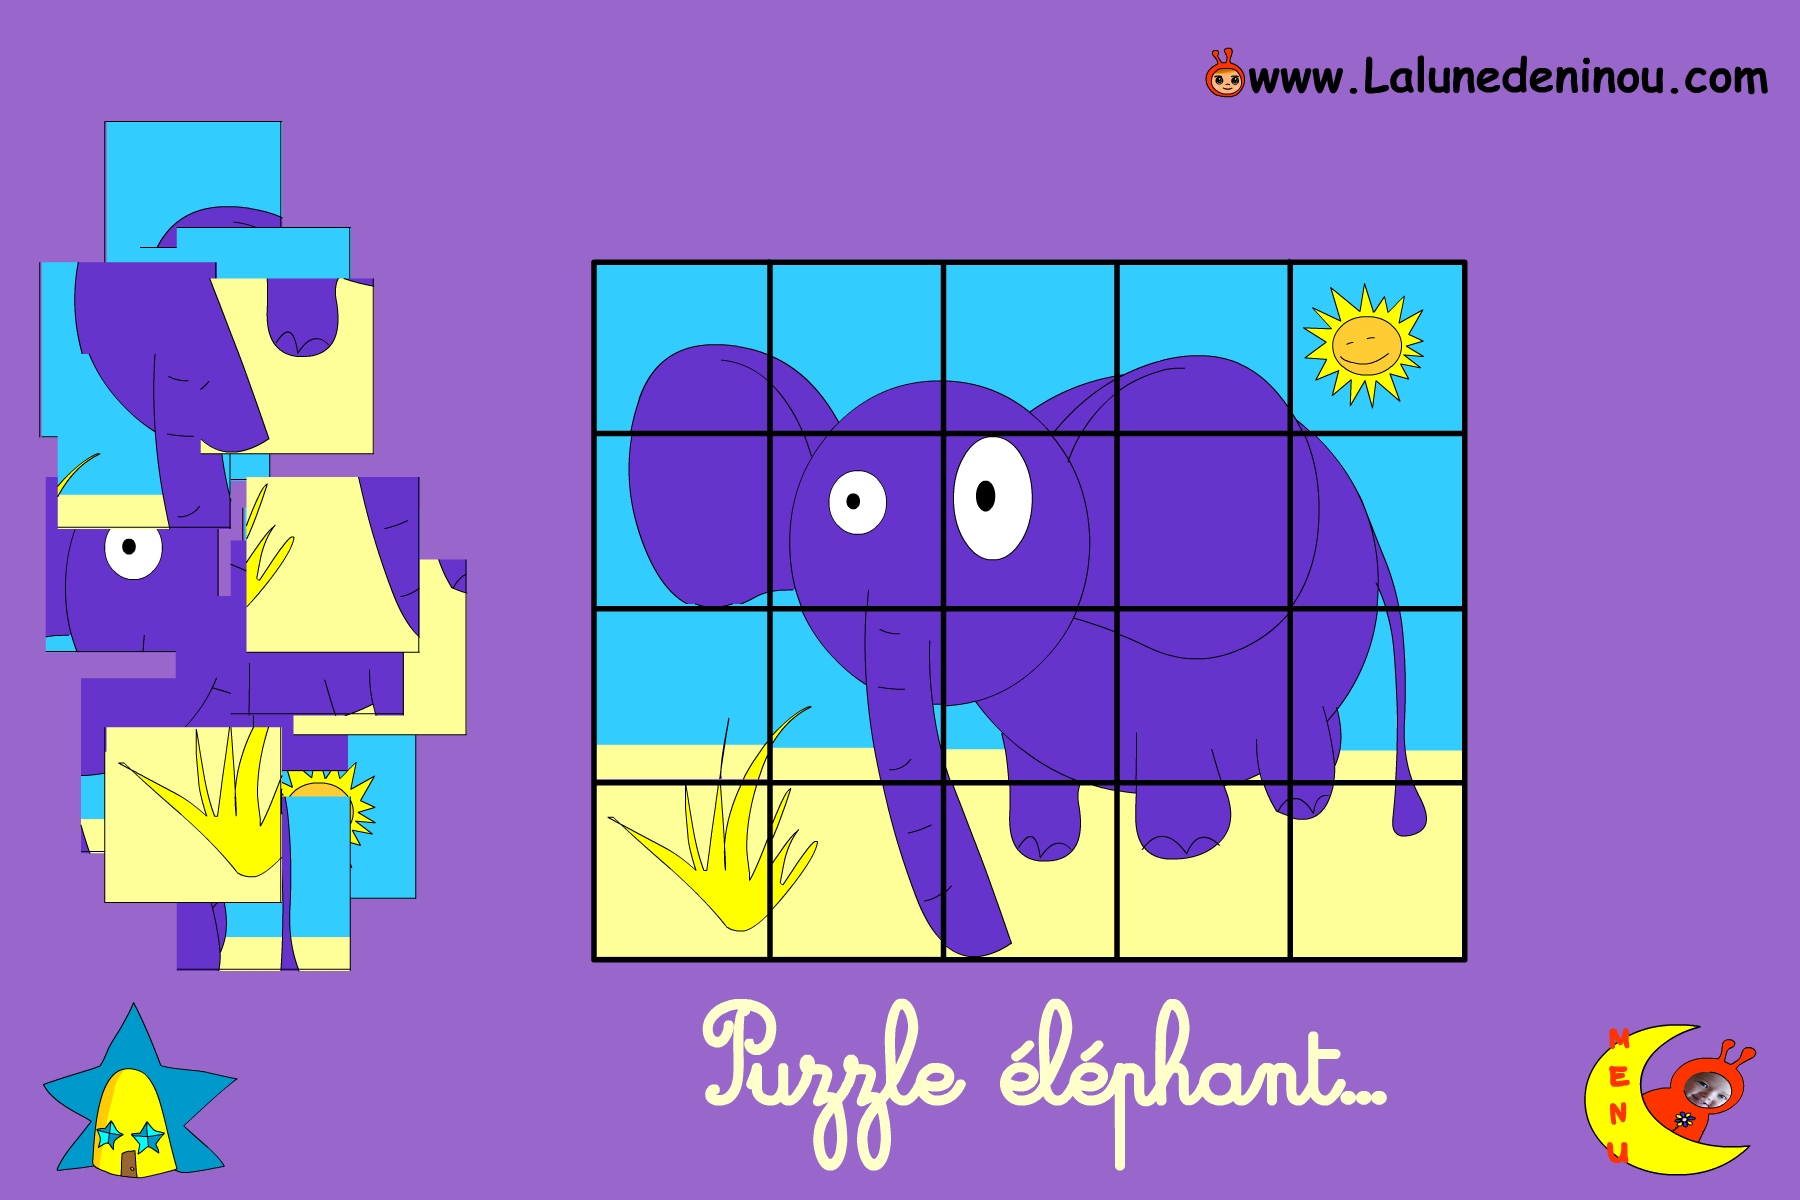 Puzzle En Ligne Pour Enfant De Maternelle - Lalunedeninou encequiconcerne Jeux De Garcon Gratuit 3 Ans